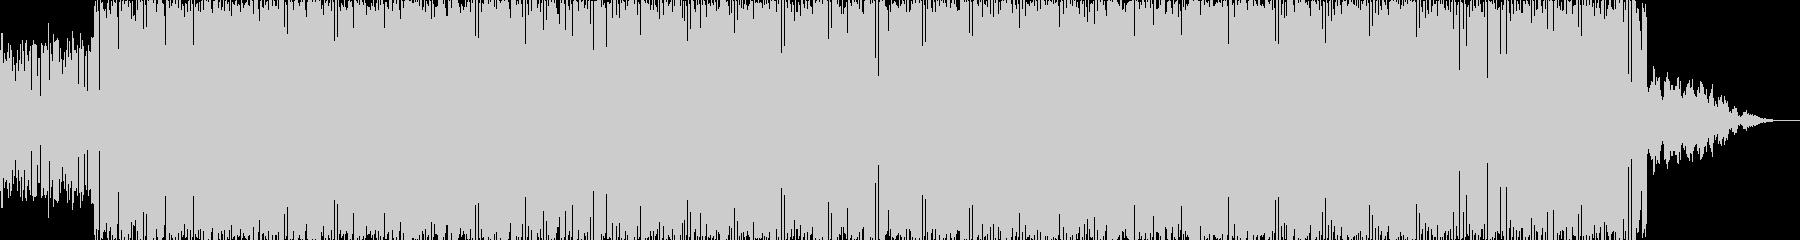 フレットレスベースが怪しいインドっぽい曲の未再生の波形